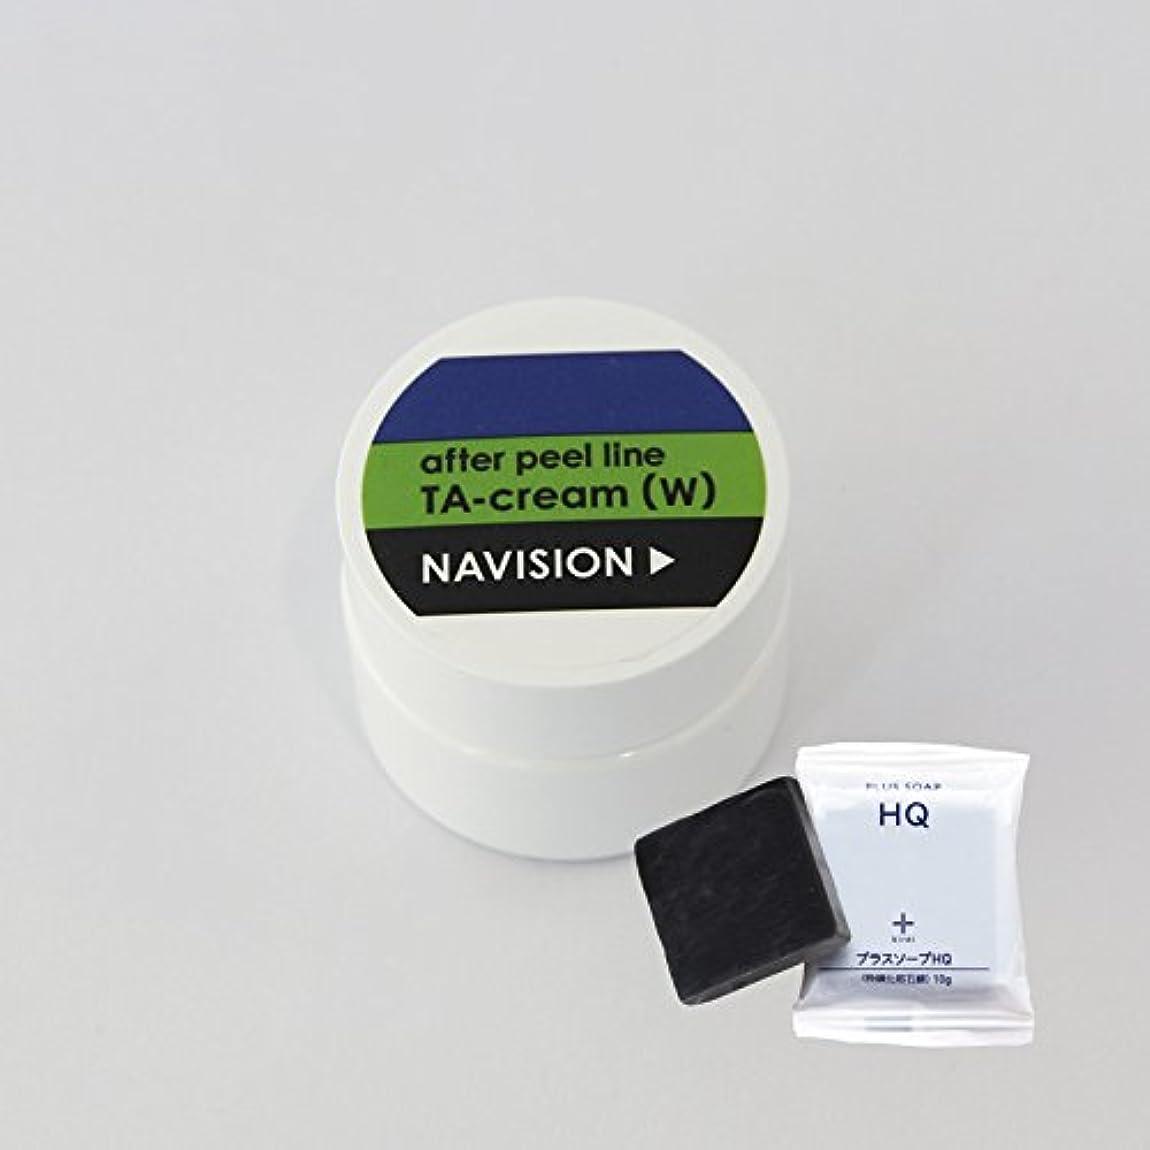 アトミック典型的な洞察力のあるナビジョン NAVISION TAクリーム(W) 30g (医薬部外品) + プラスキレイ プラスソープHQミニ